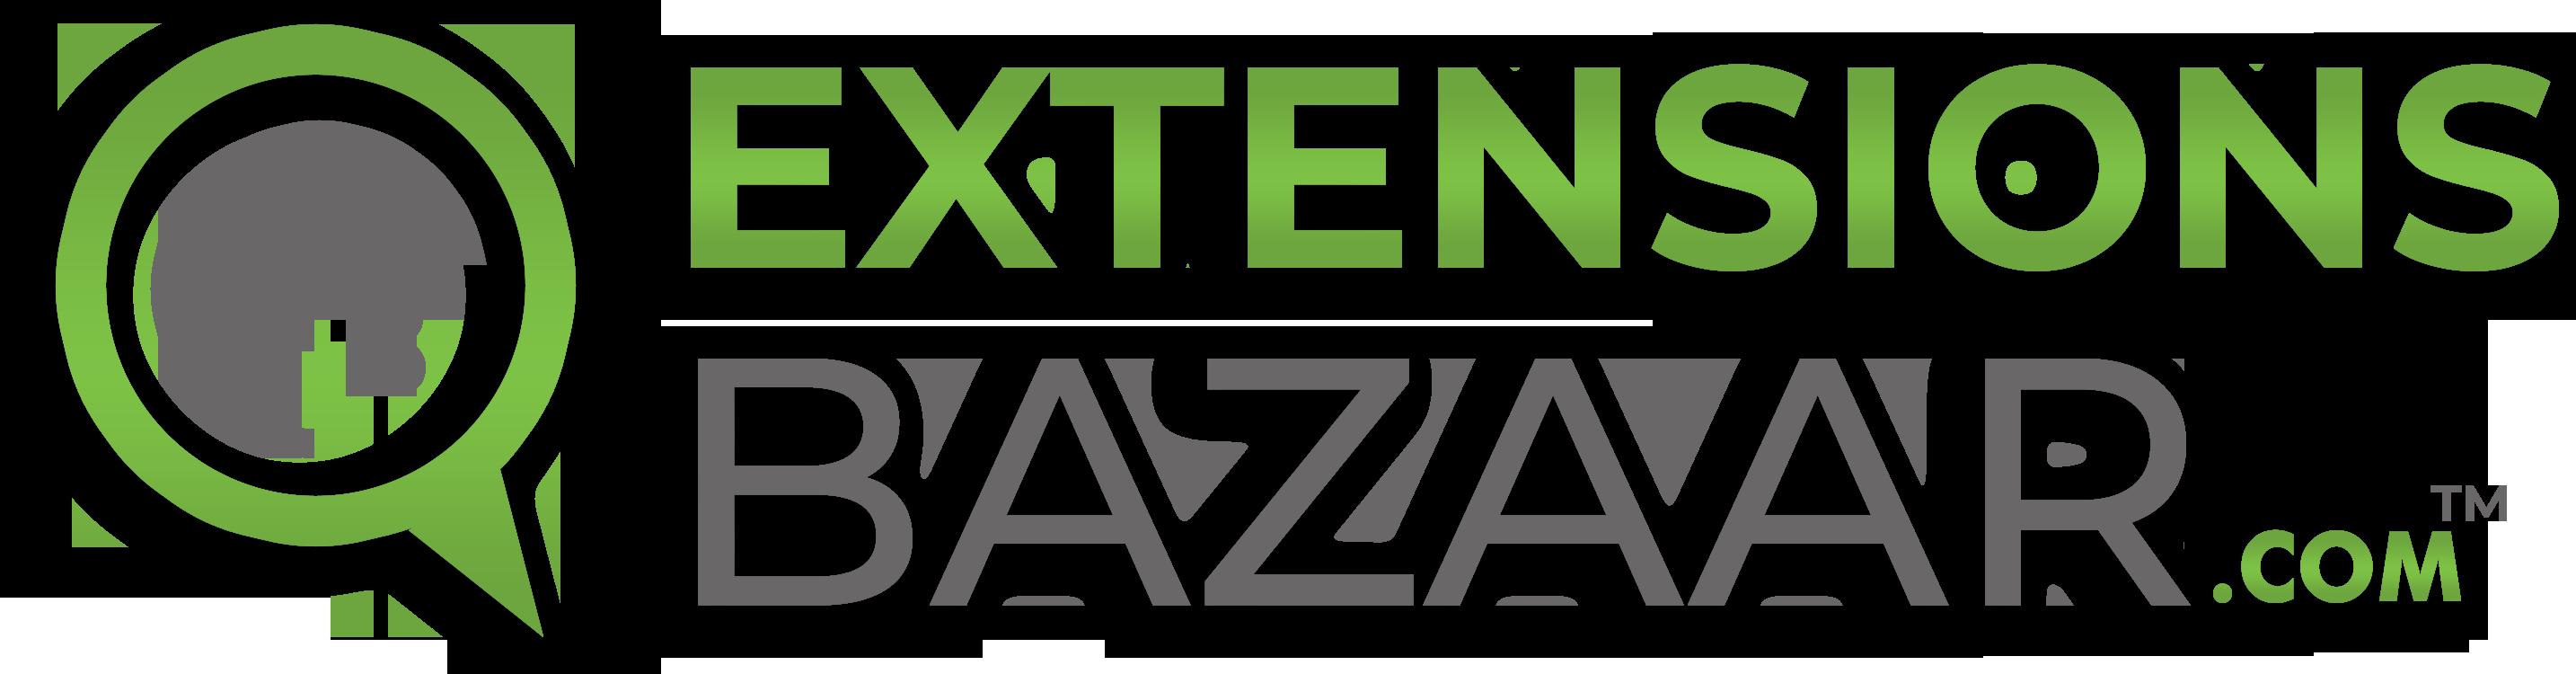 Extensions Bazaar